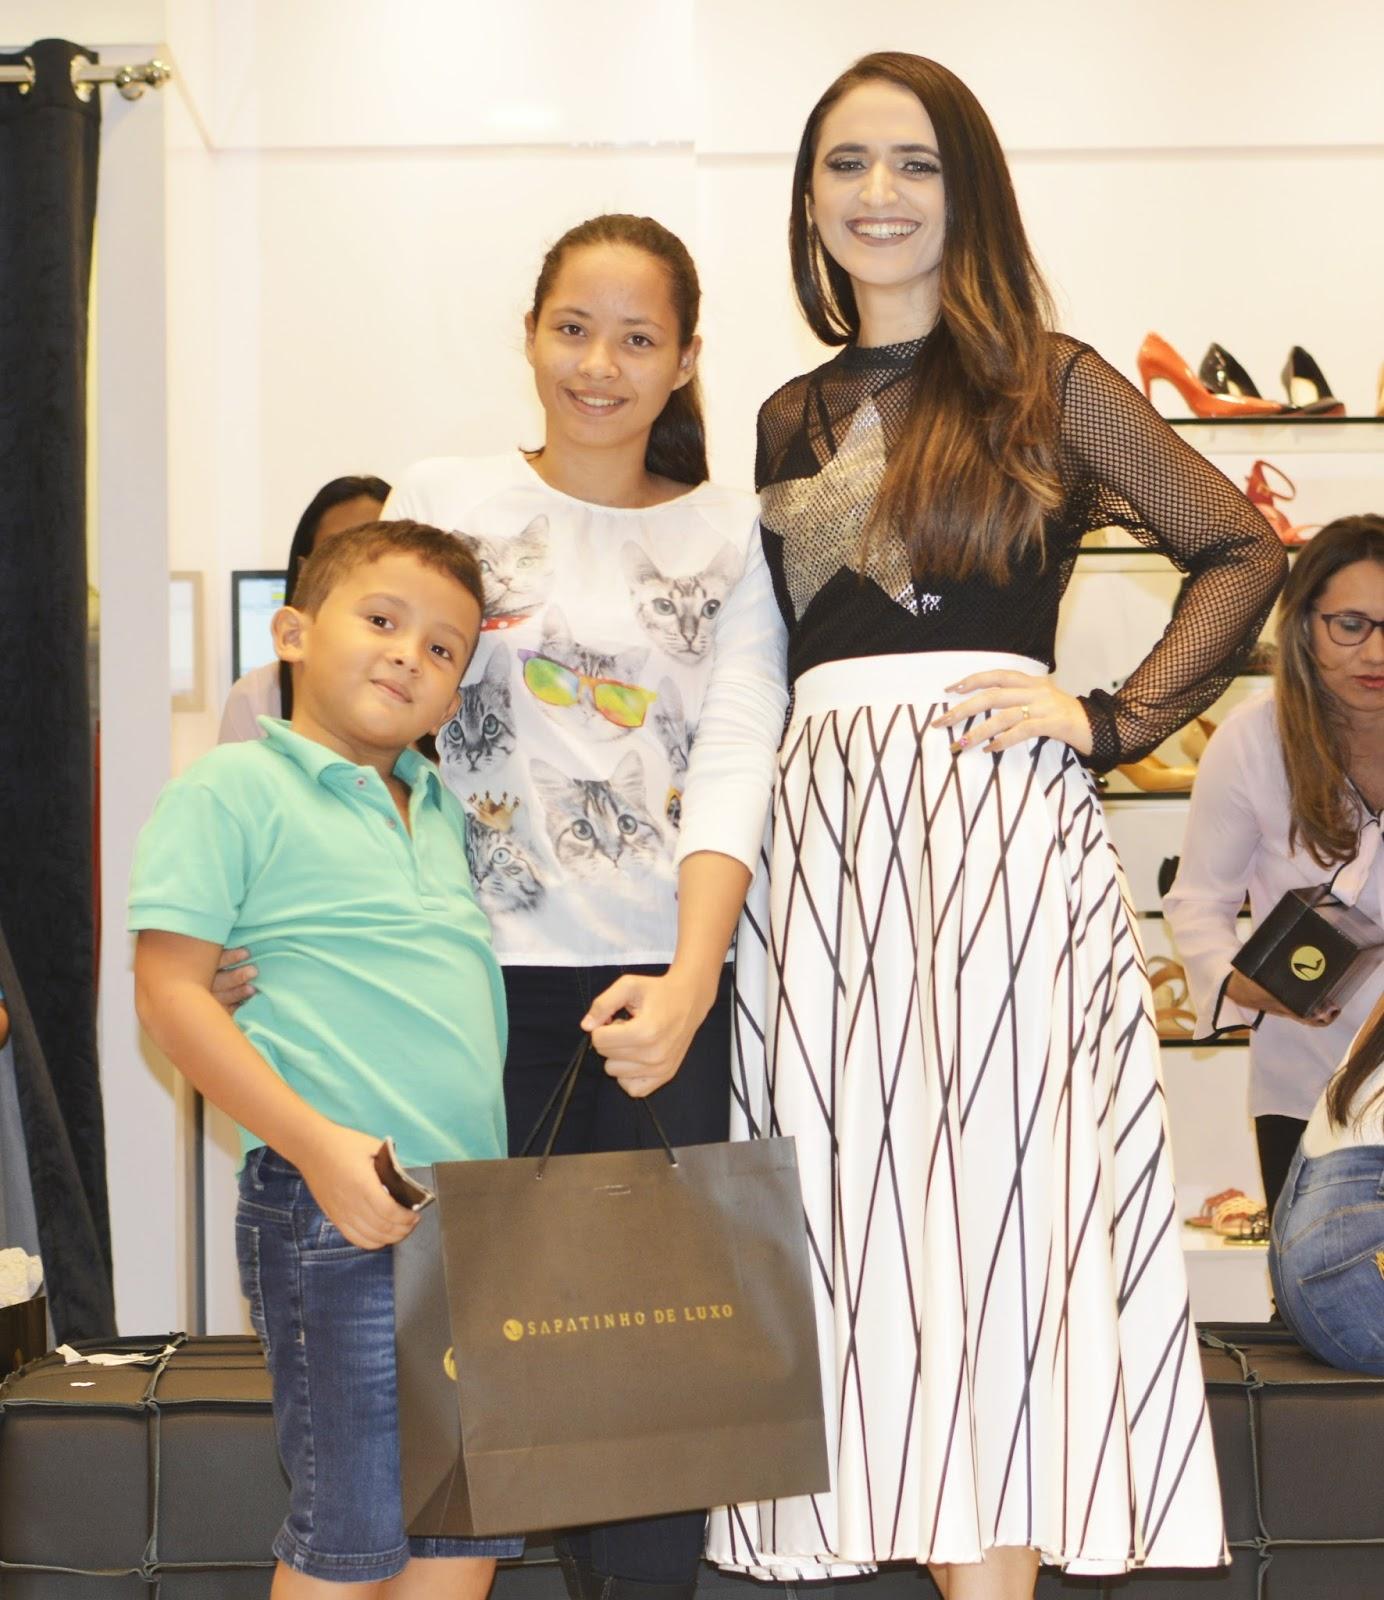 cca50e2fea6 Nova Modda   Loja Sapatinho de Luxo em Parauapebas